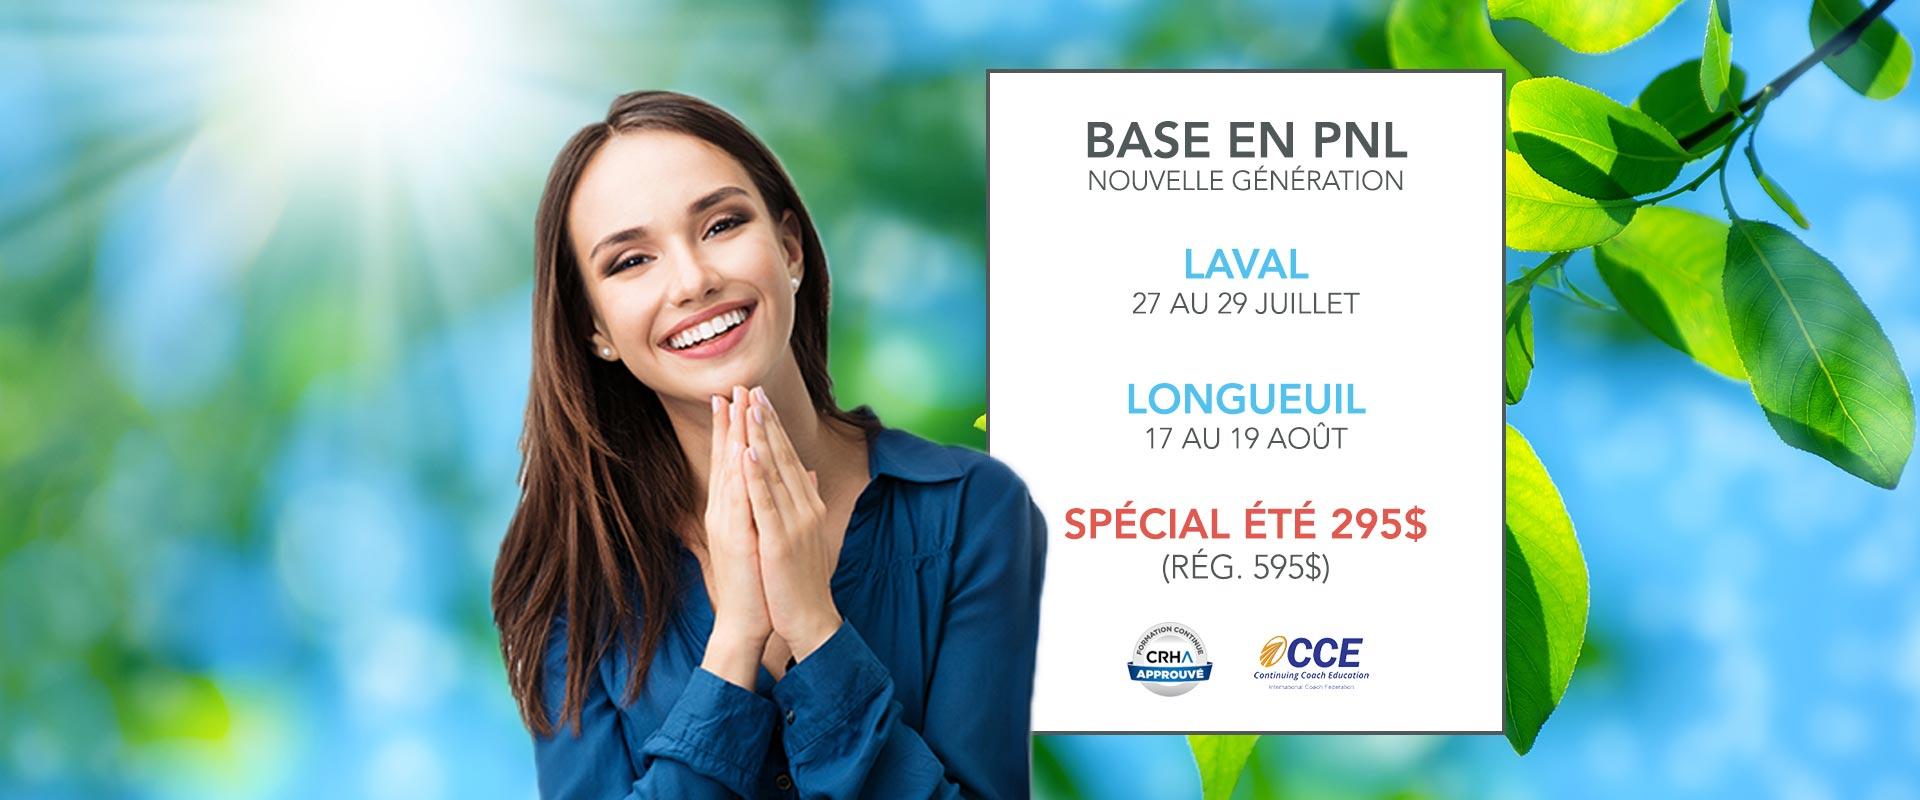 formation-base-pnl-laval-longueuil-nouvelle-generation-bonhame